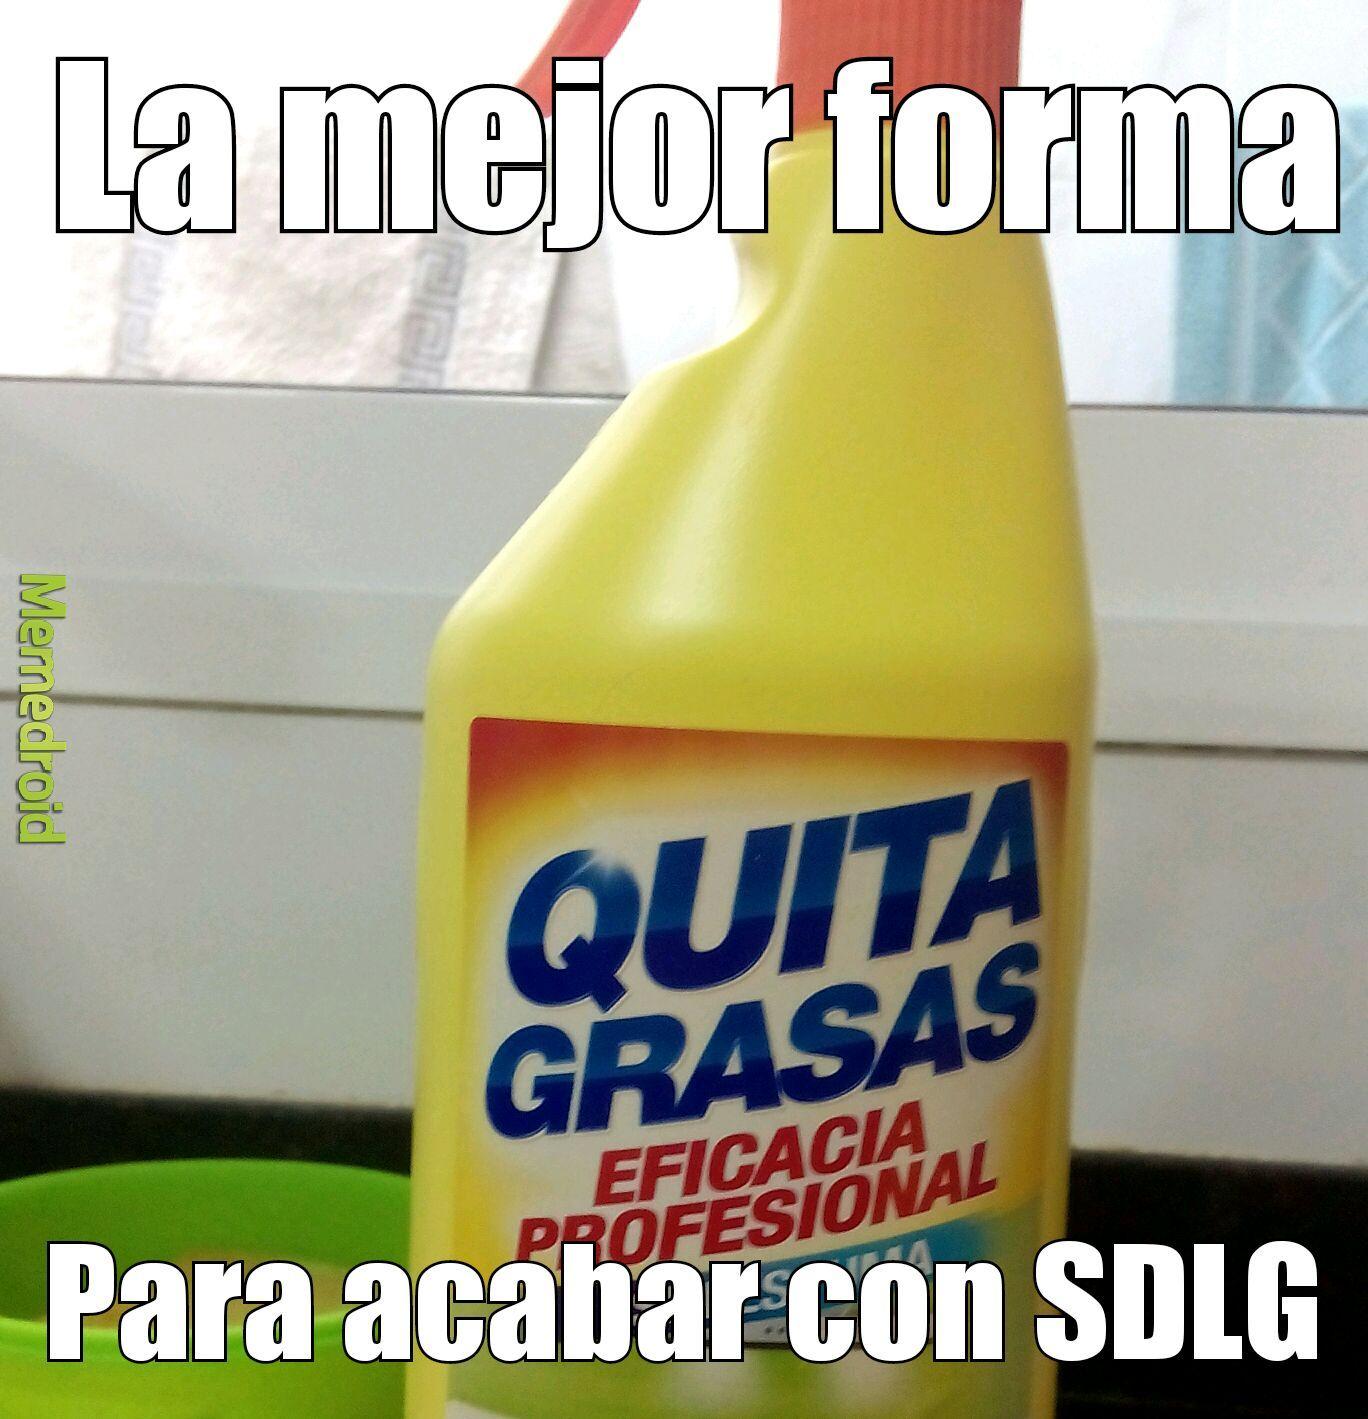 Quitagrasas - meme